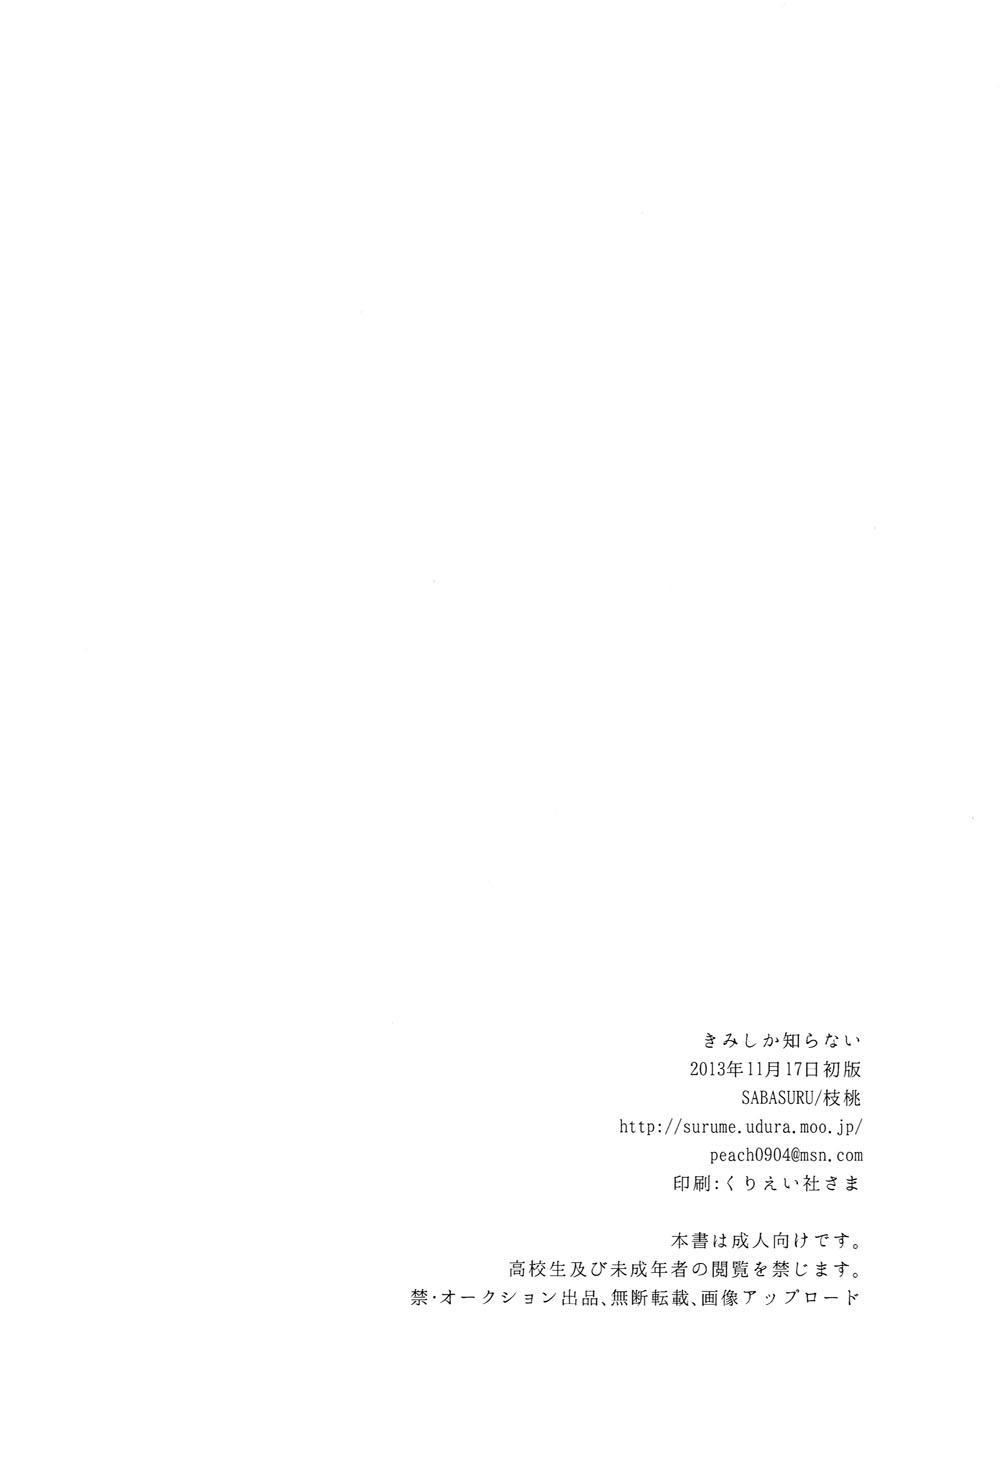 Kimi shika Shiranai | Only You Know 20